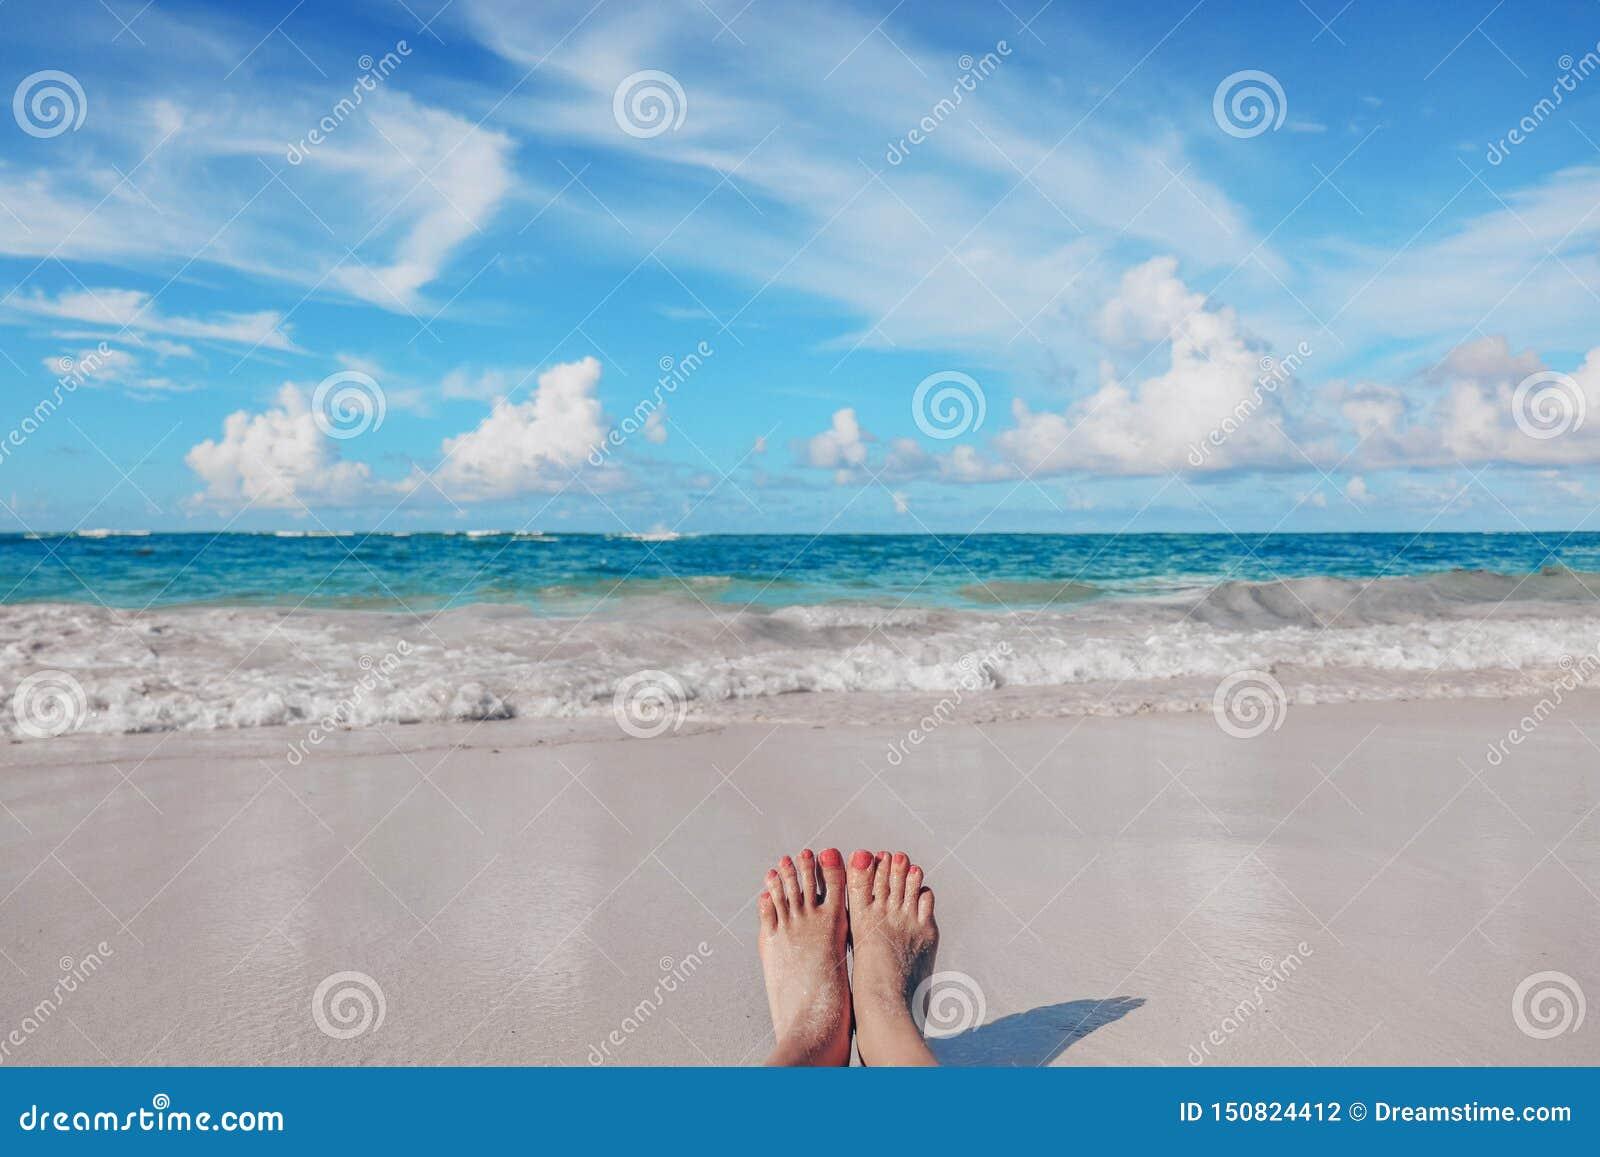 De voeten van de vrouw op het tropische Caraïbische strand Oceaan en blauwe hemel